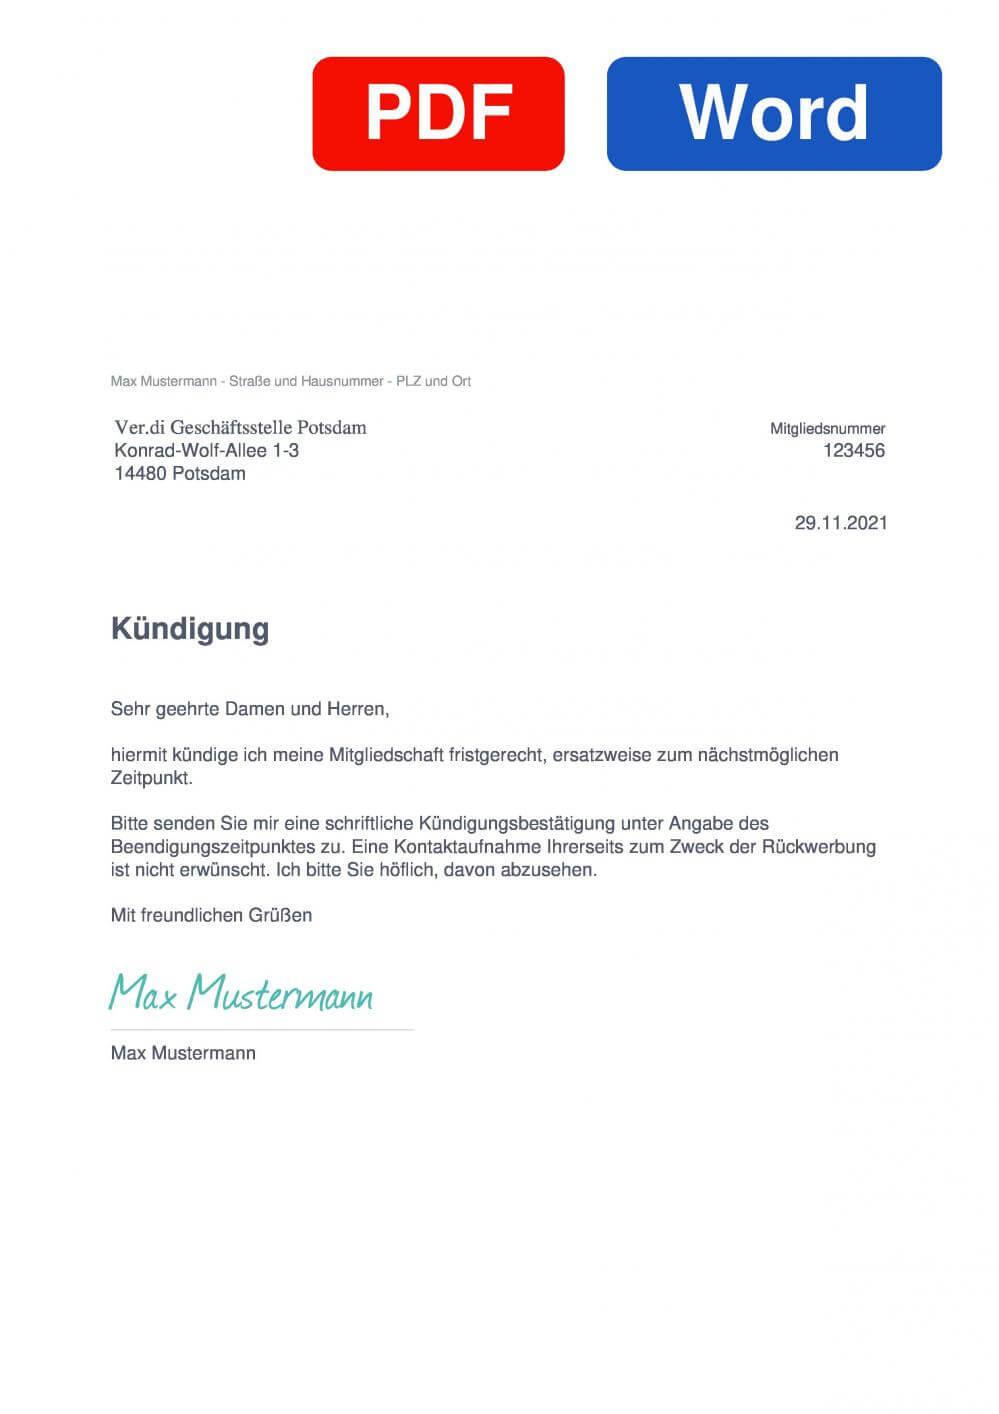 Verdi Potsdam Muster Vorlage für Kündigungsschreiben